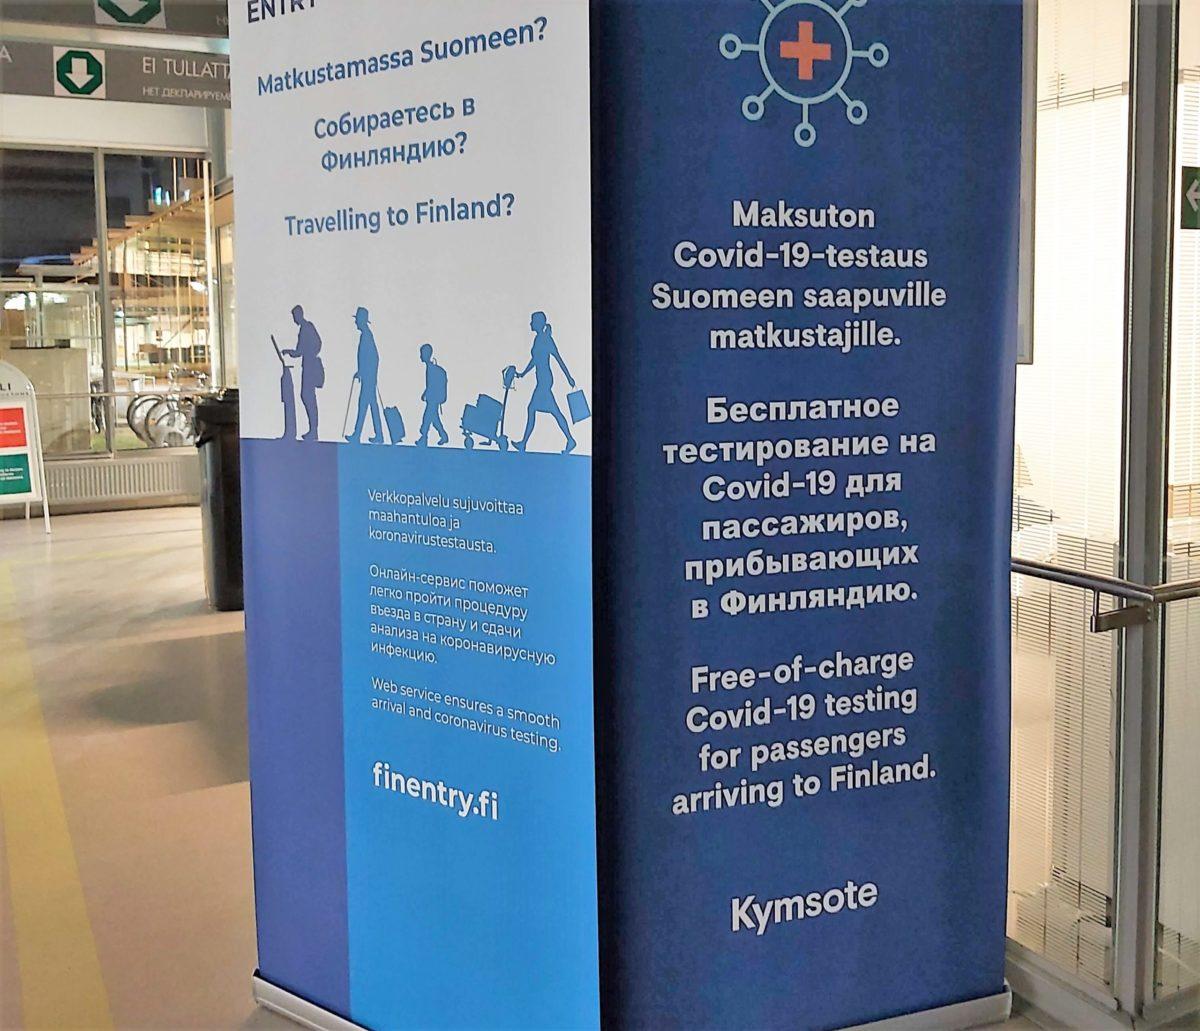 Как изменились правила въезда в Финляндию?